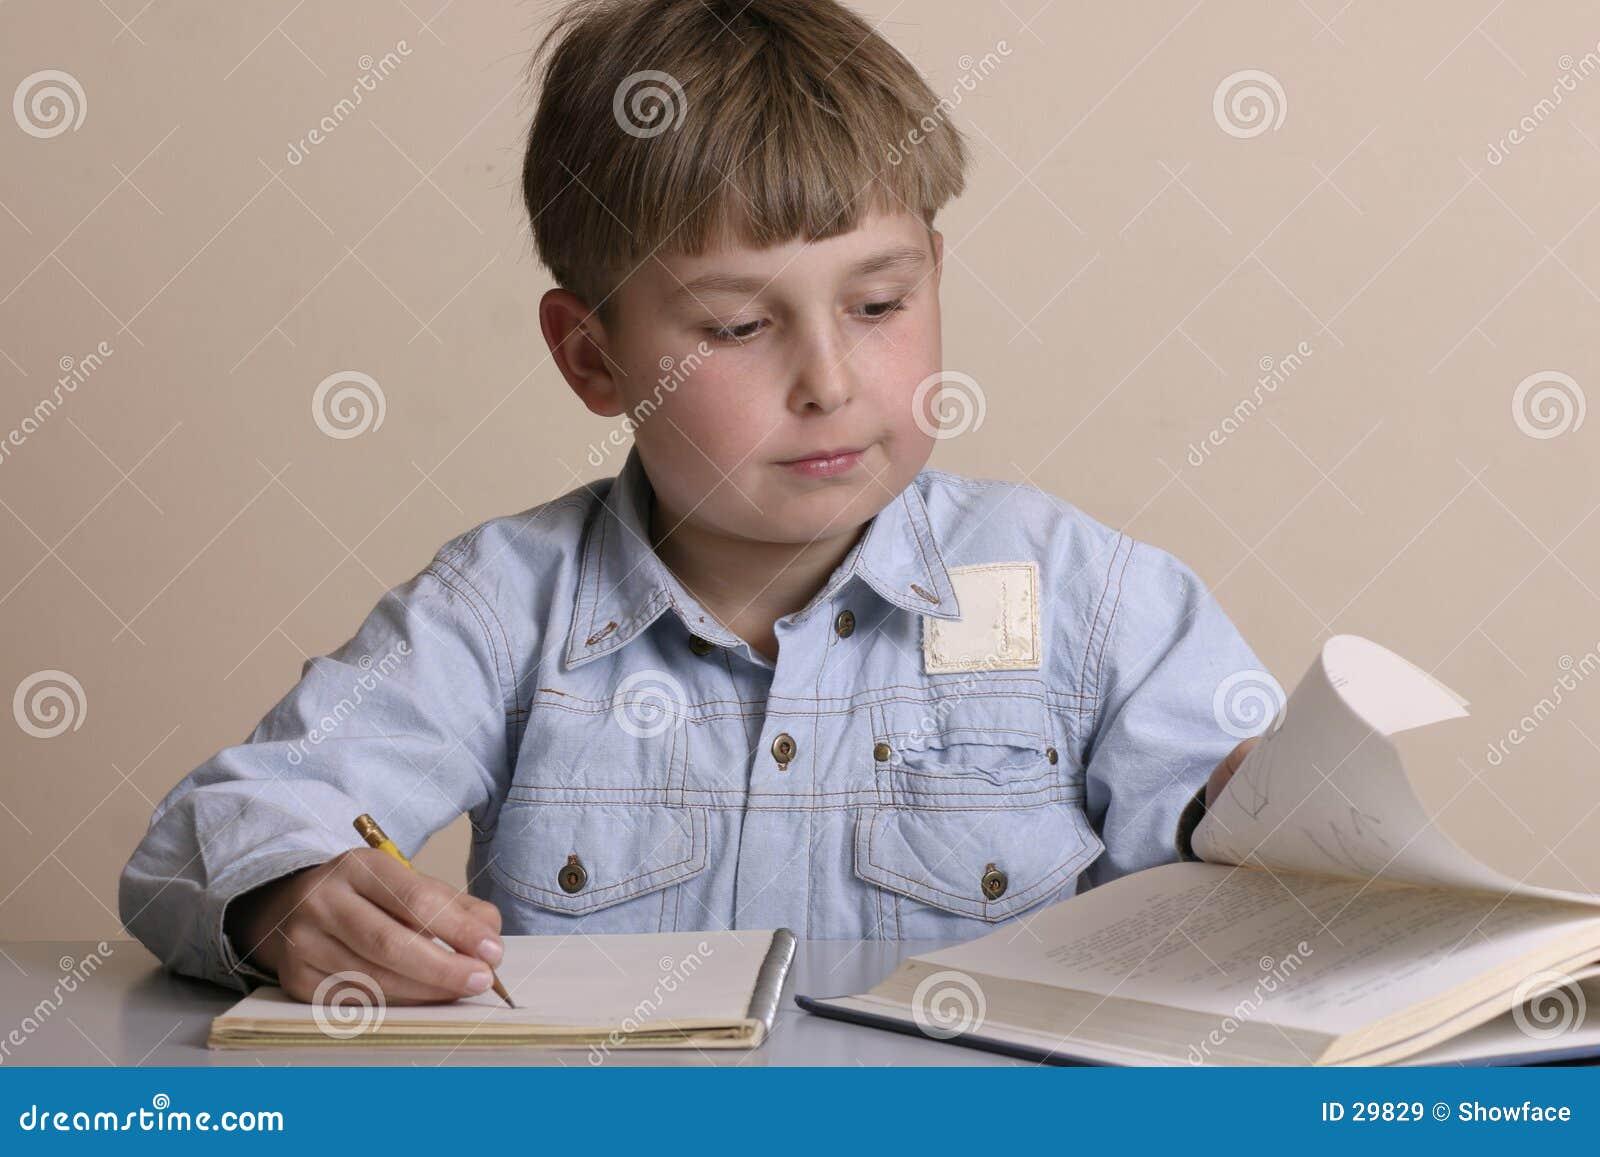 Lernbegieriger Junge